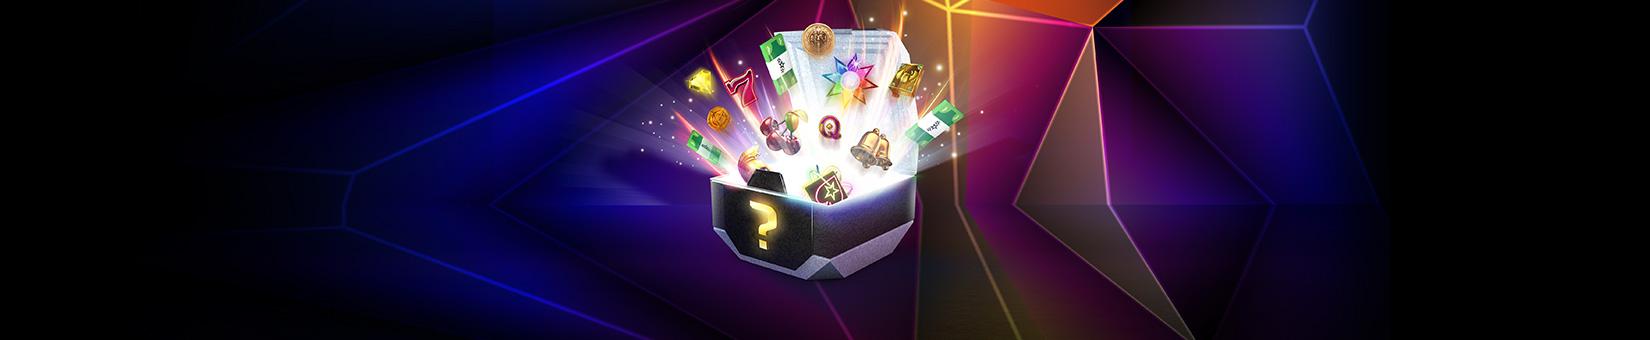 Juego al bacará en vivo live casino bet365-457932